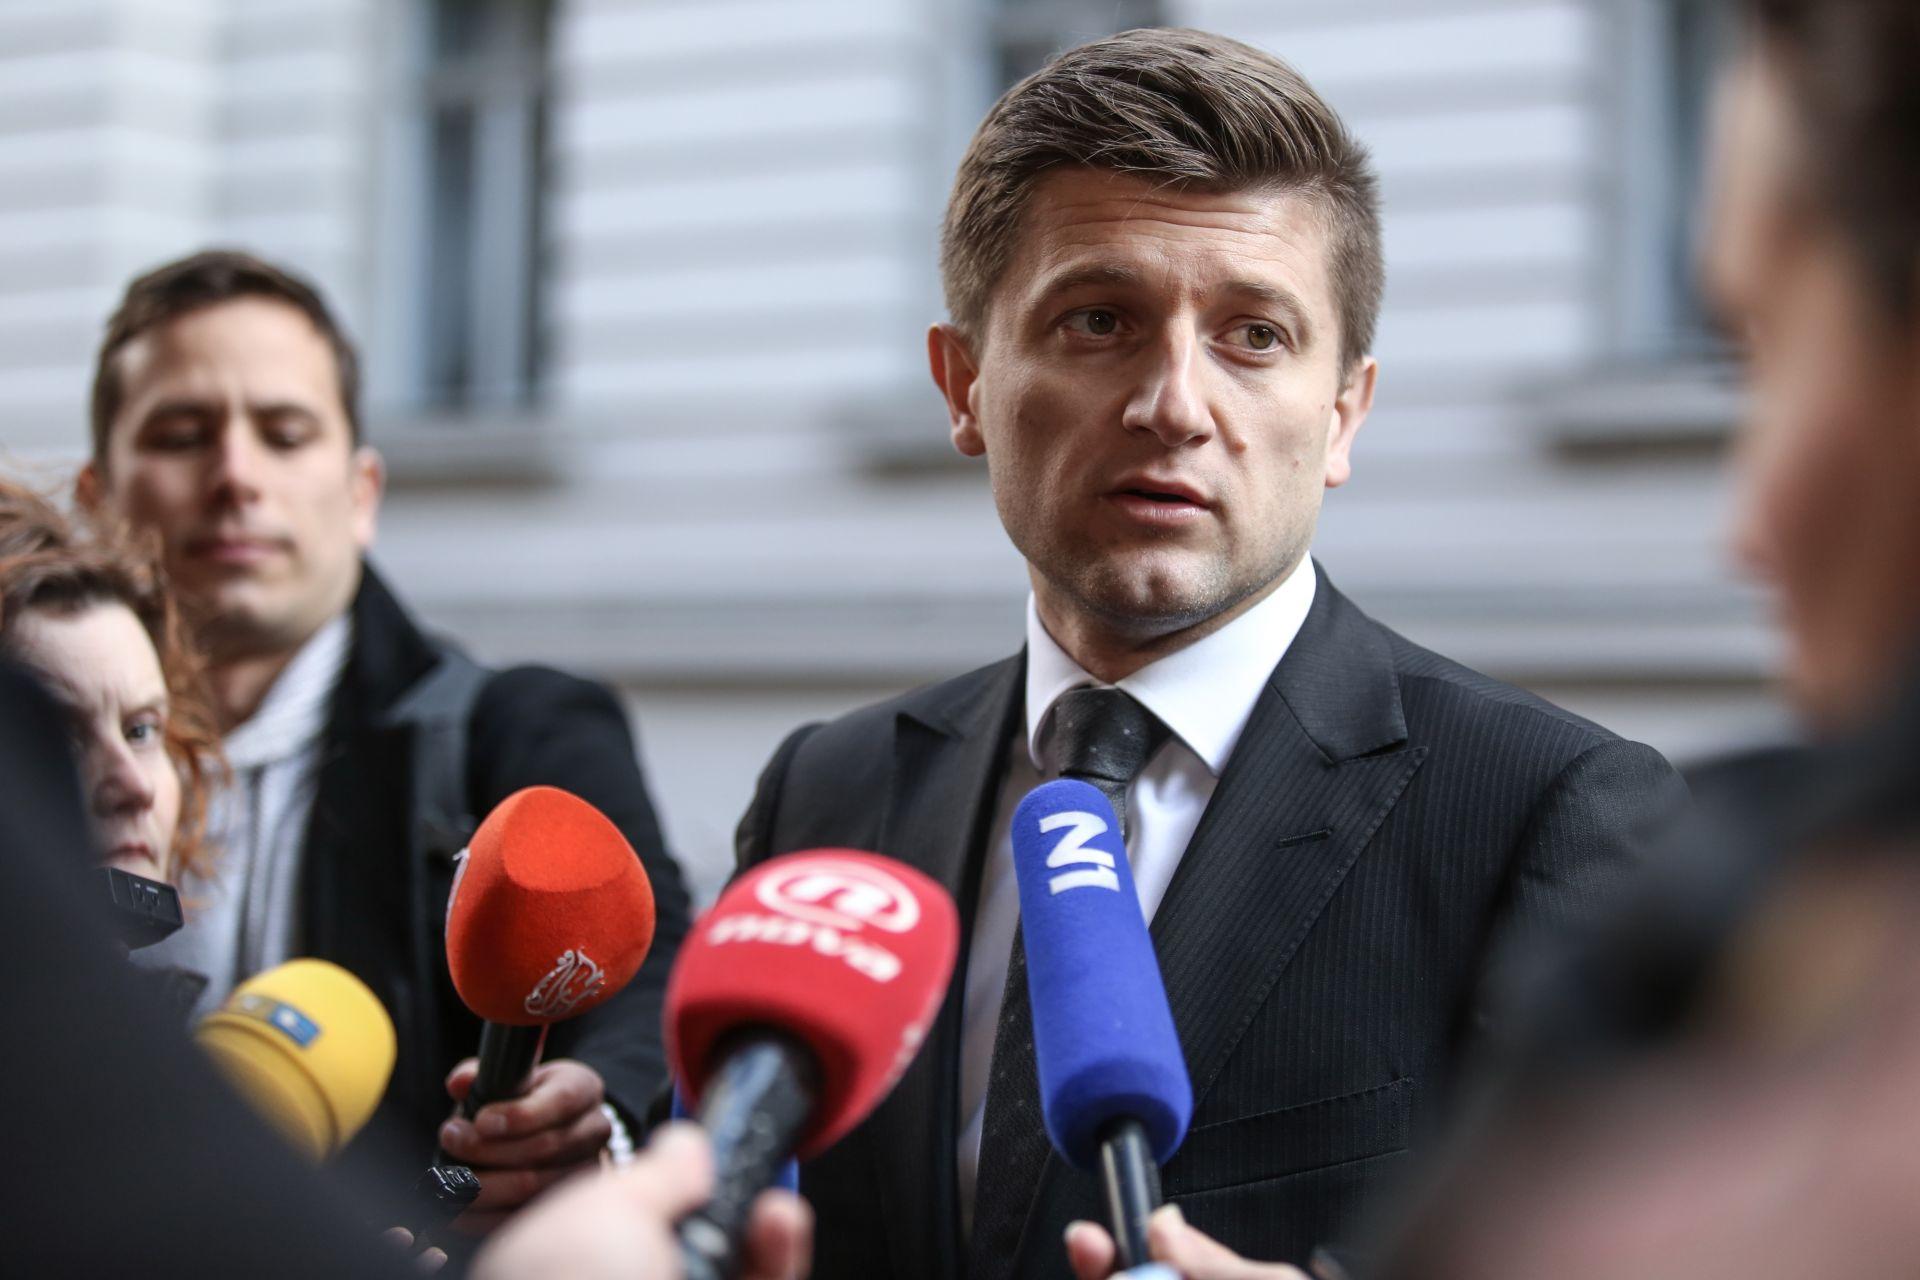 MINISTAR MARIĆ: 'Agrokor pokušava pronaći model za povećanje likvidnosti'